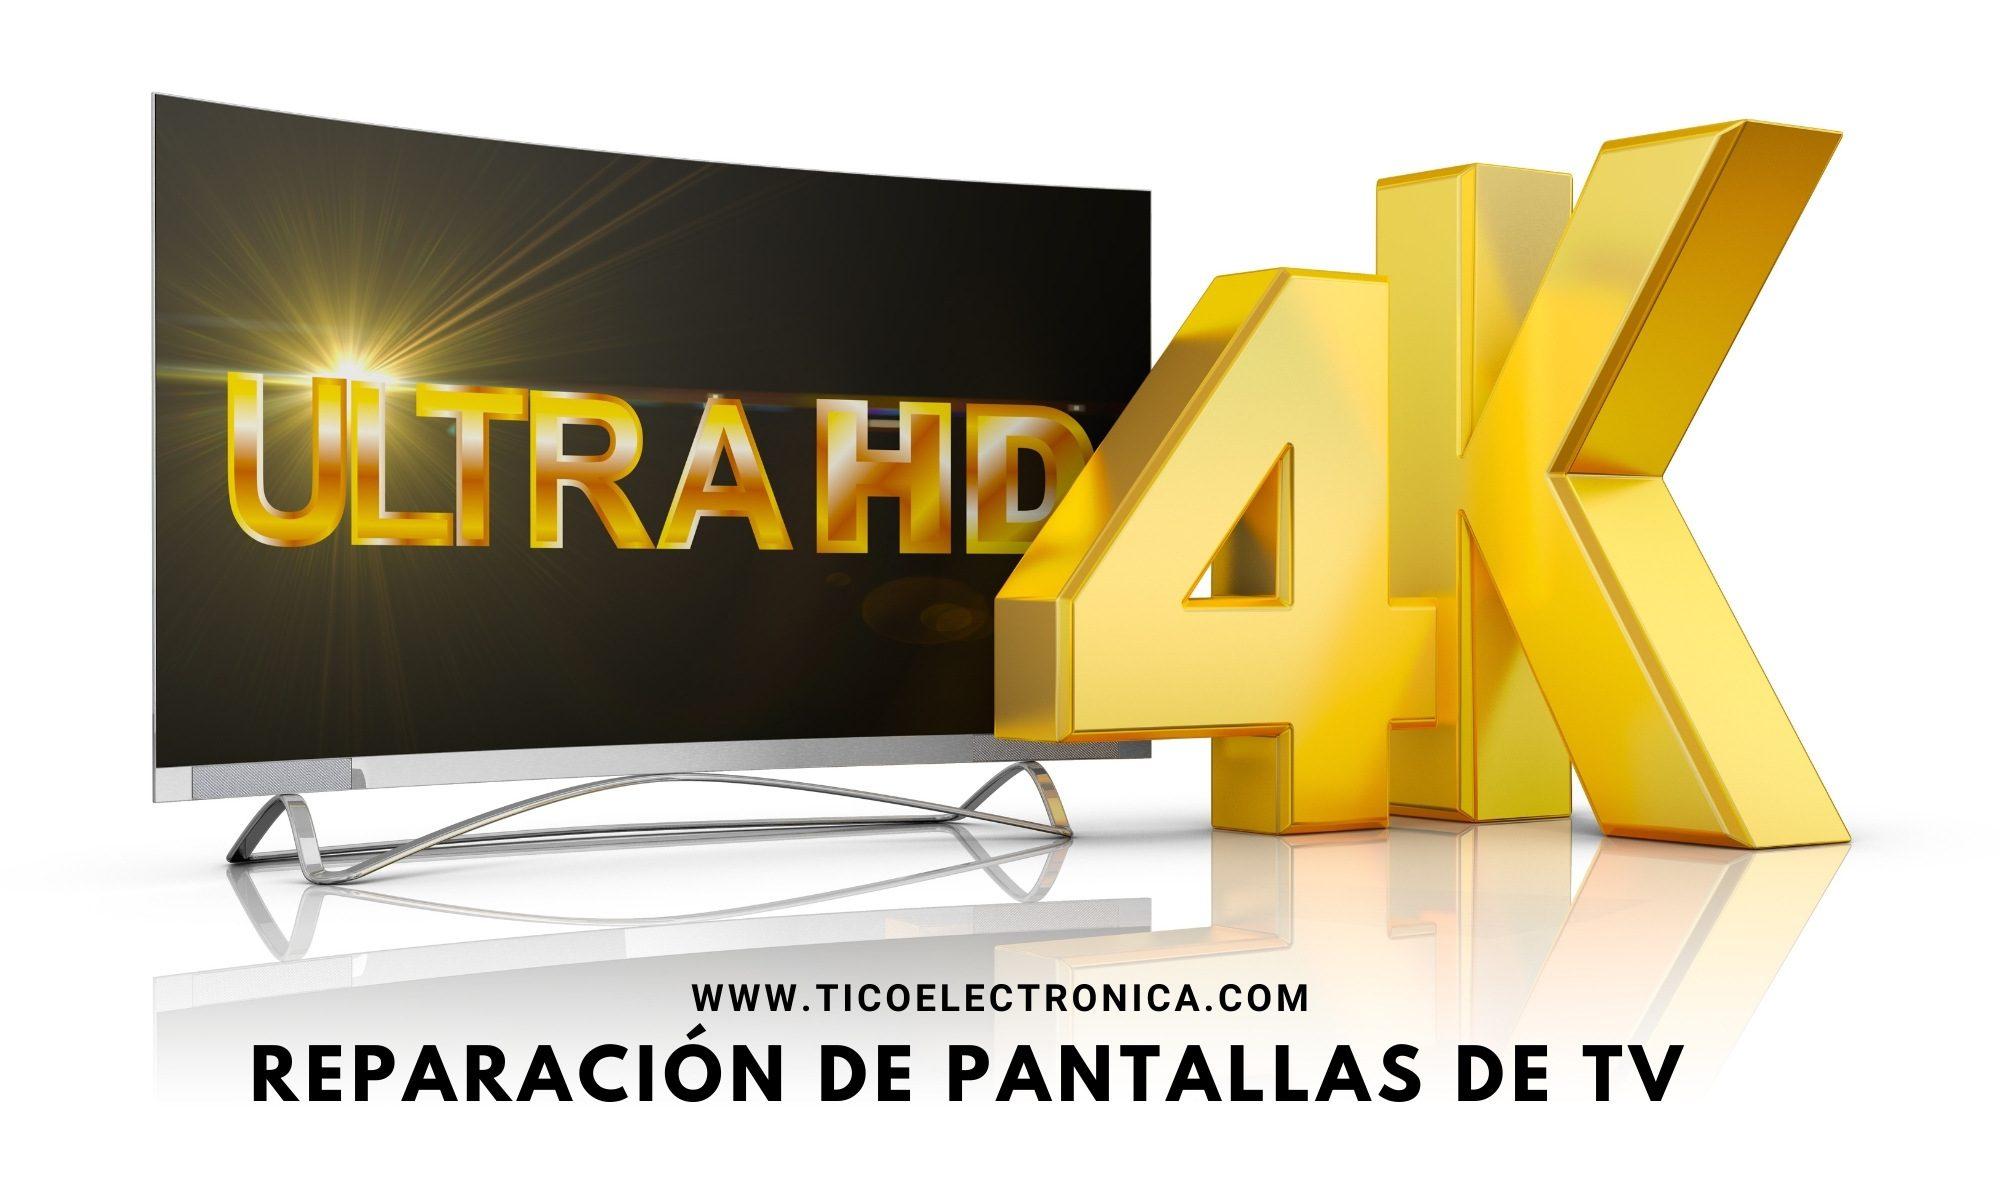 Taller de Televisores LED / PLASMA /QLED en Costa Rica, Servicio Técnico Garantizado.